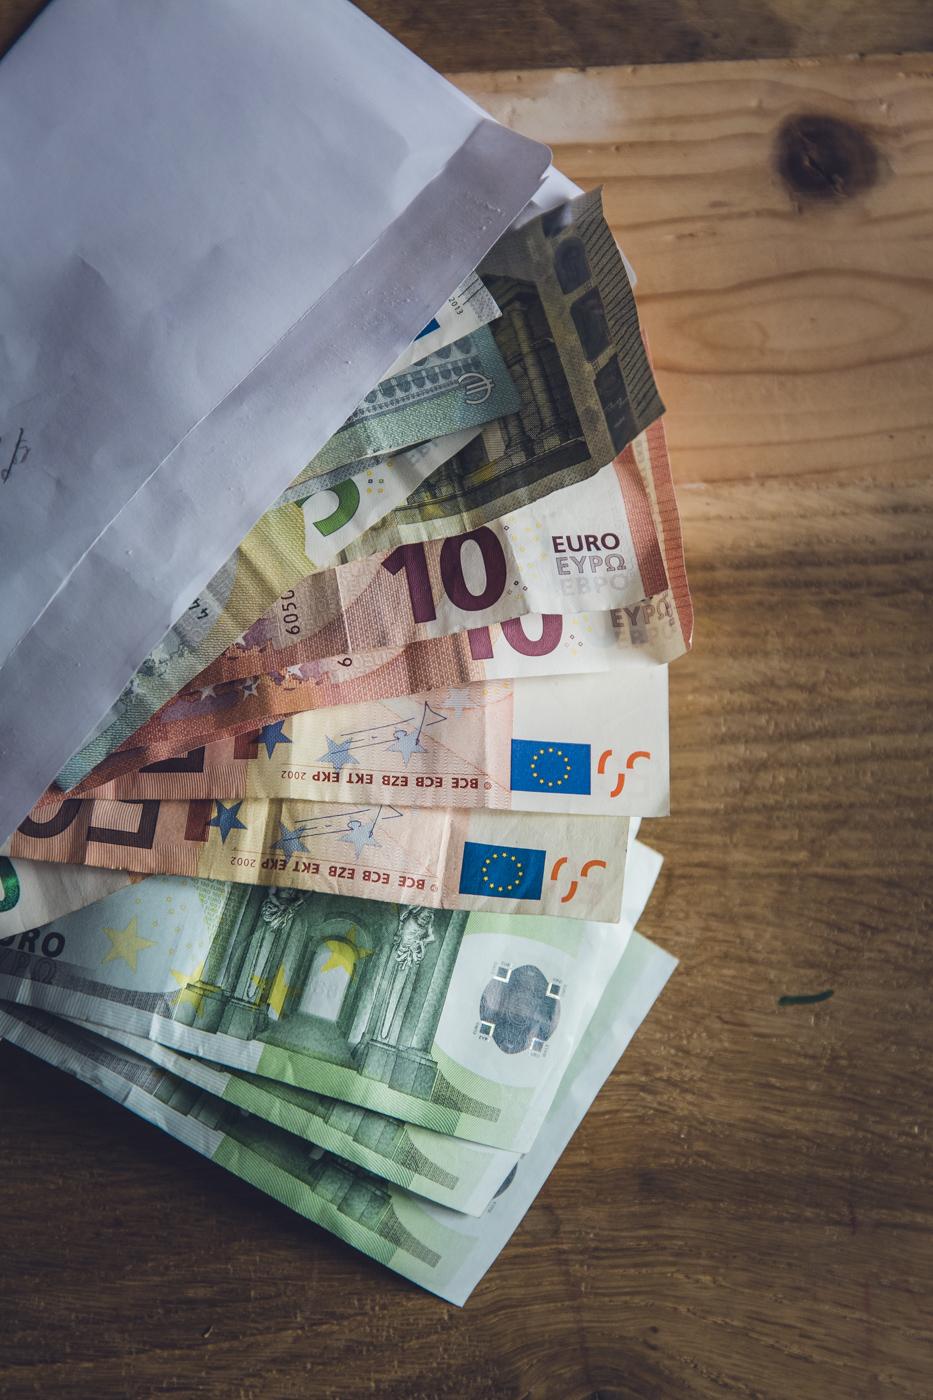 Royalty free, pubblico dominio, immagini gratis, soldi, euro, banconote